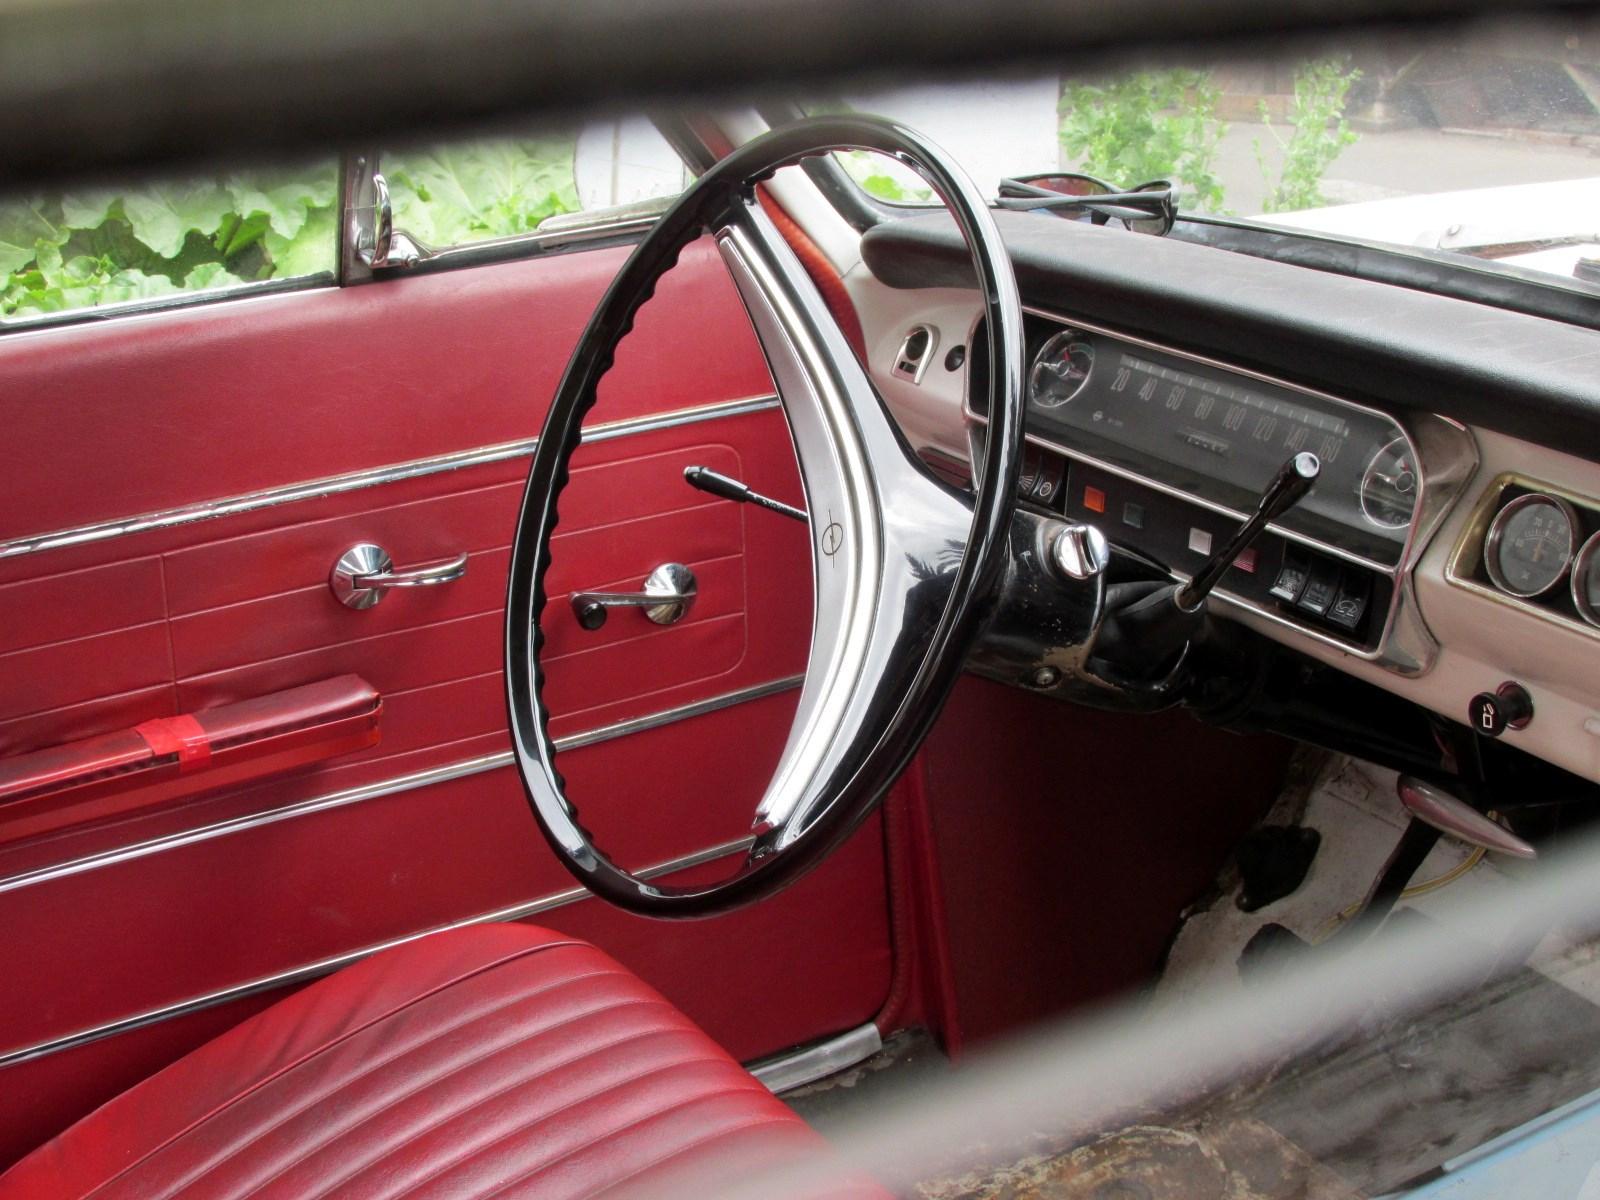 Opel Rekord A 1963 - 1965 Cabriolet #8